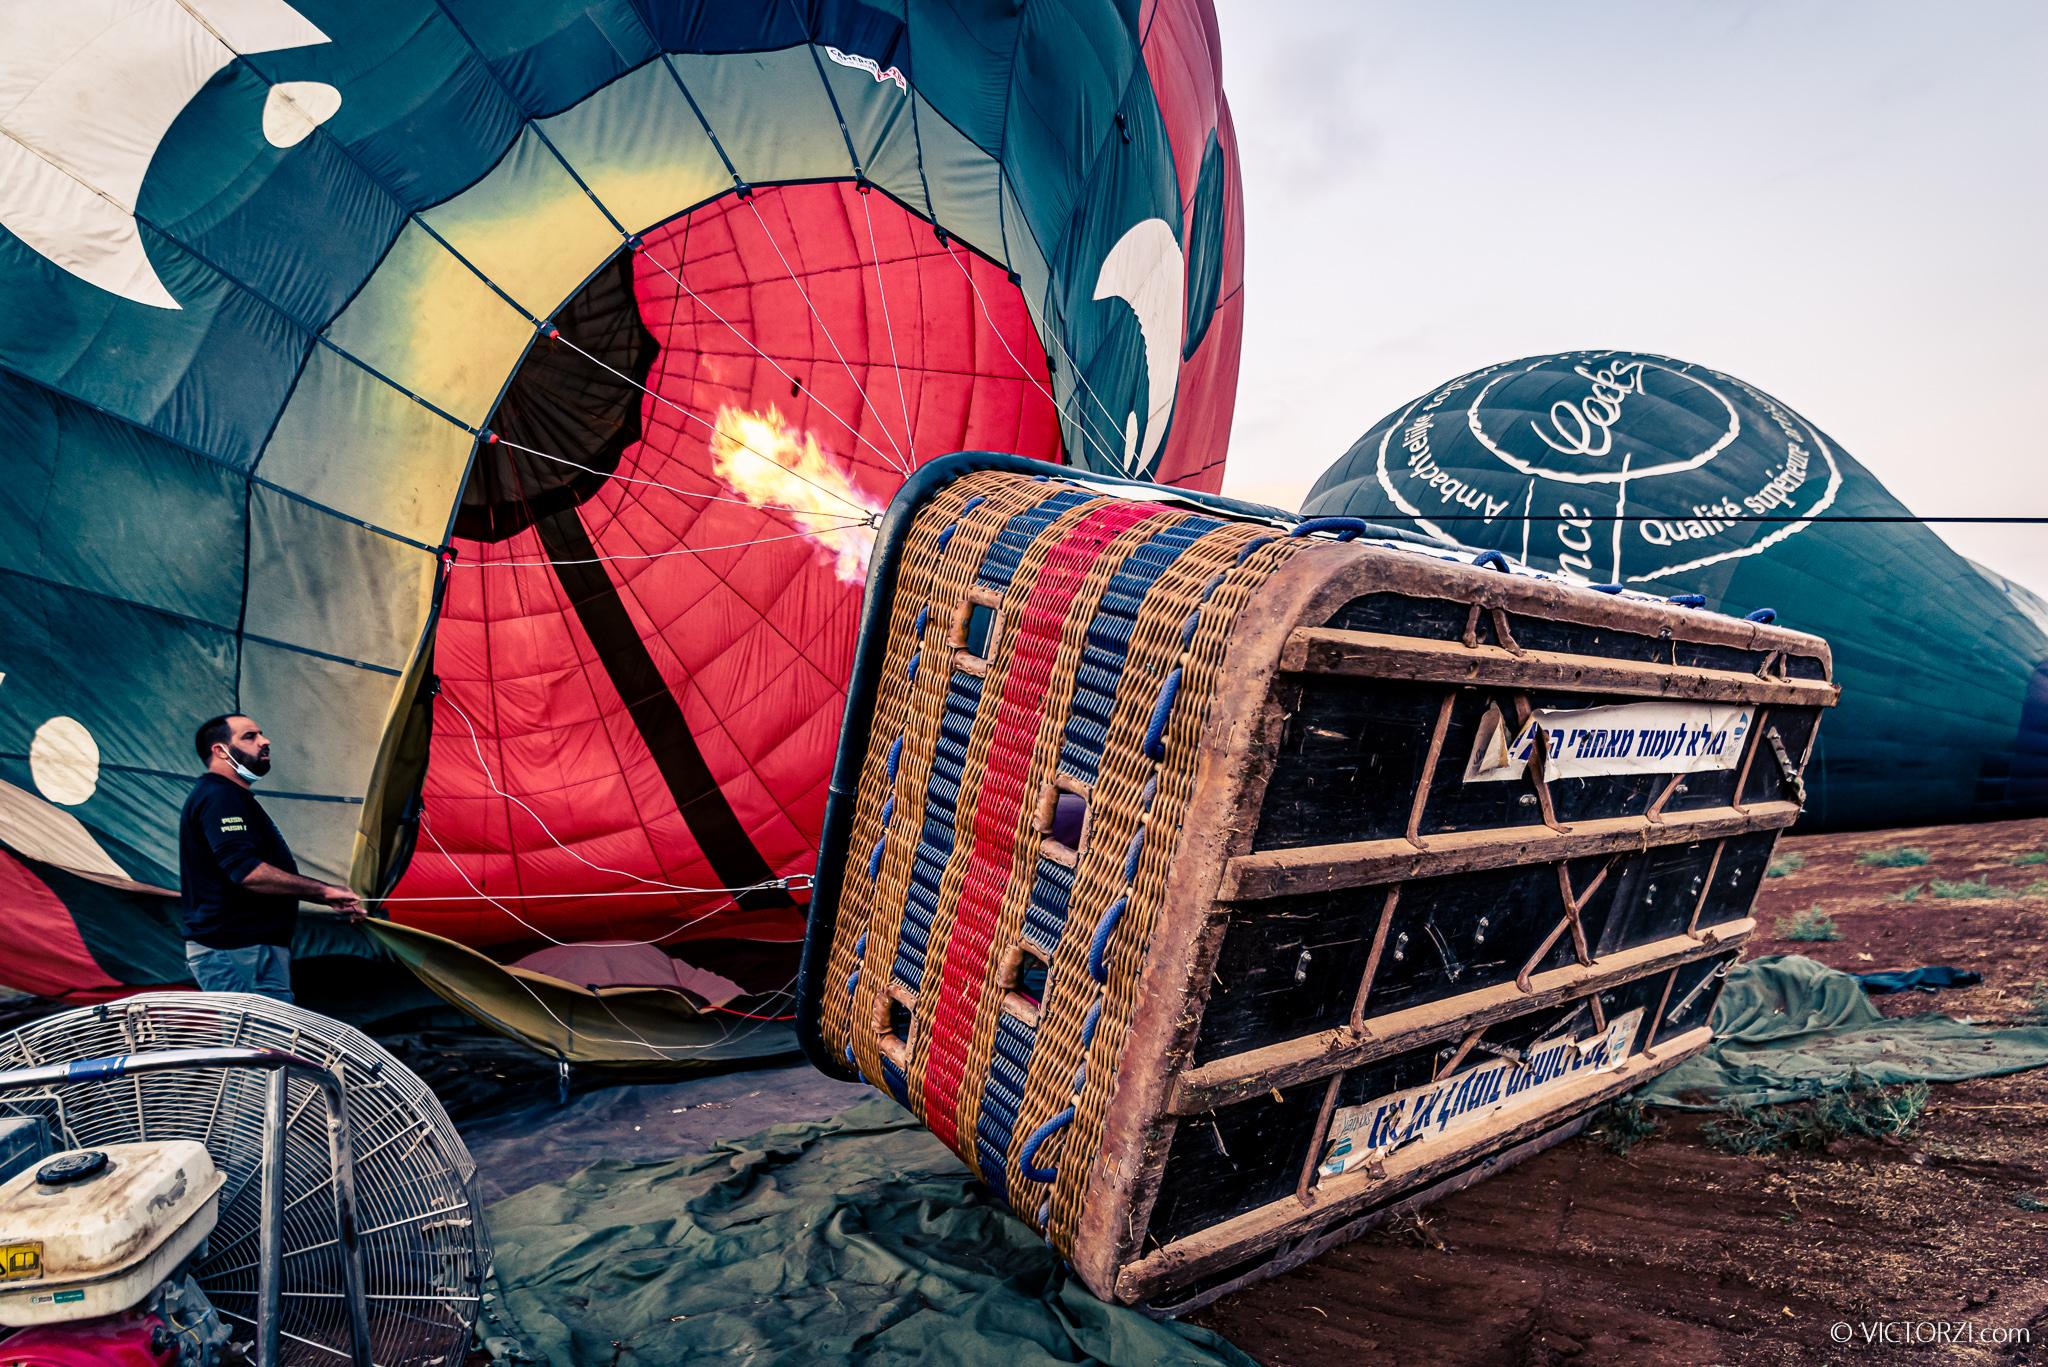 20201107 - Balloons in Gilboa - 065944